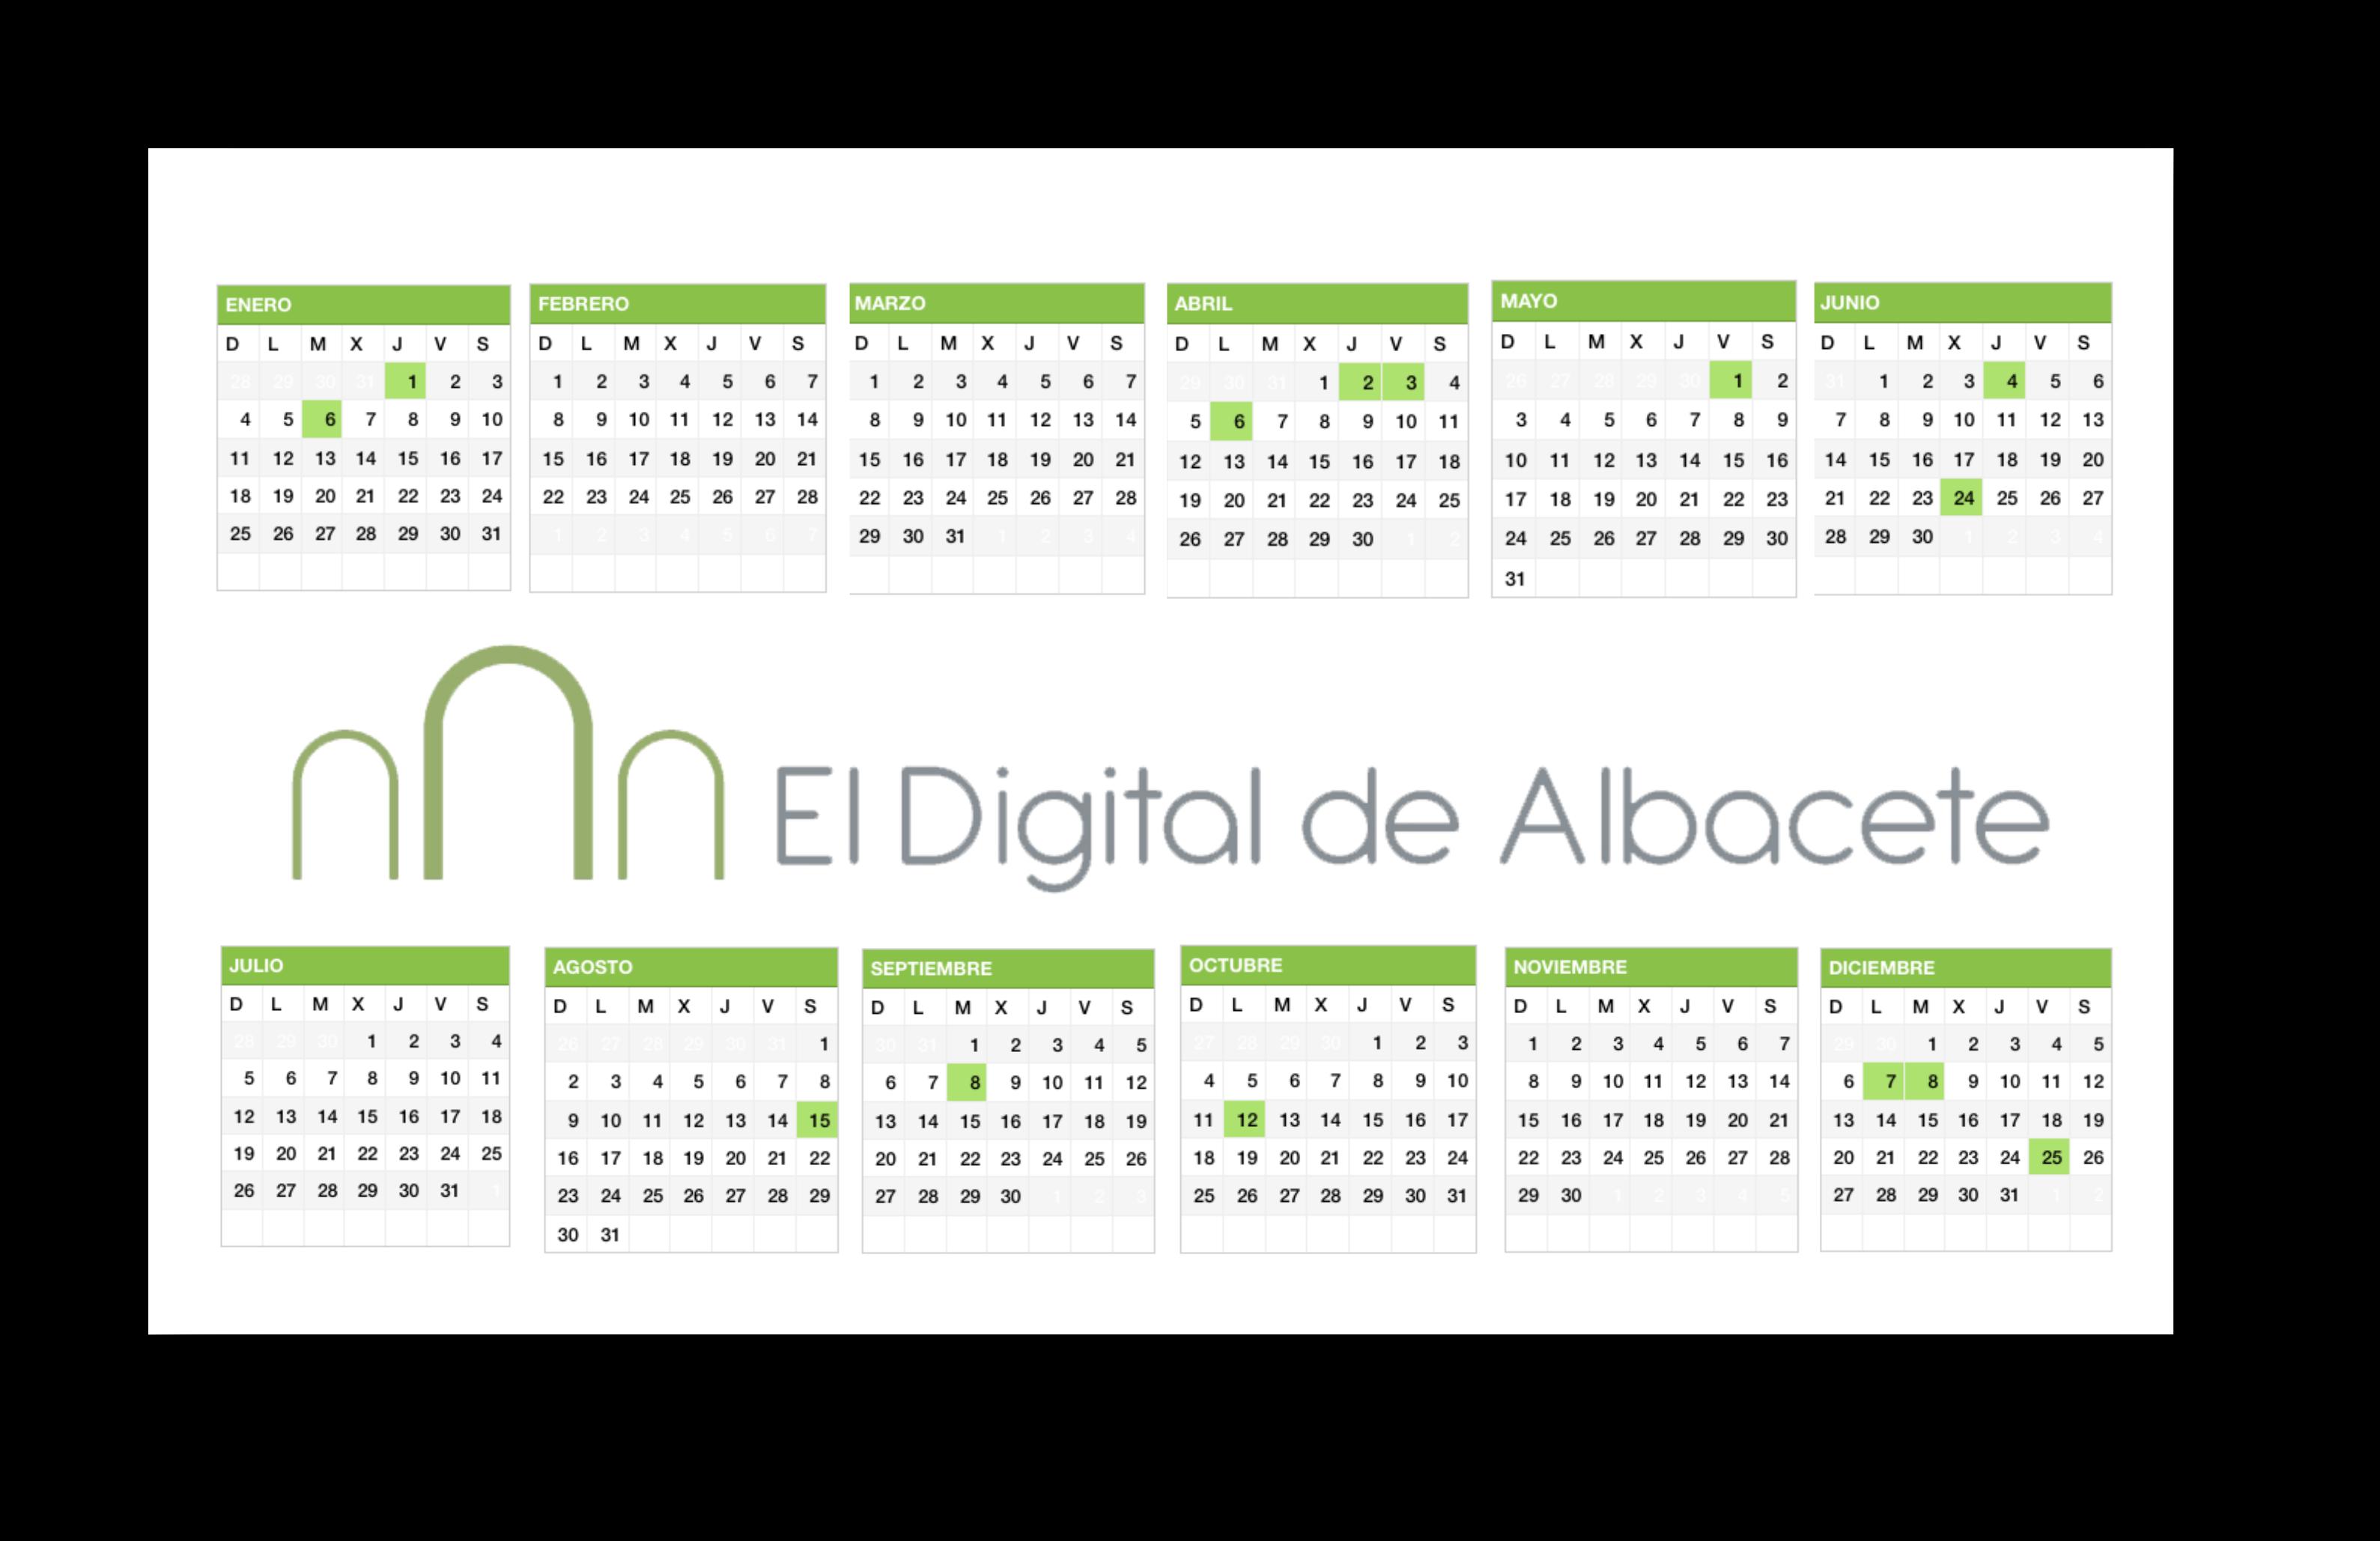 calendario laboral albacete 2015